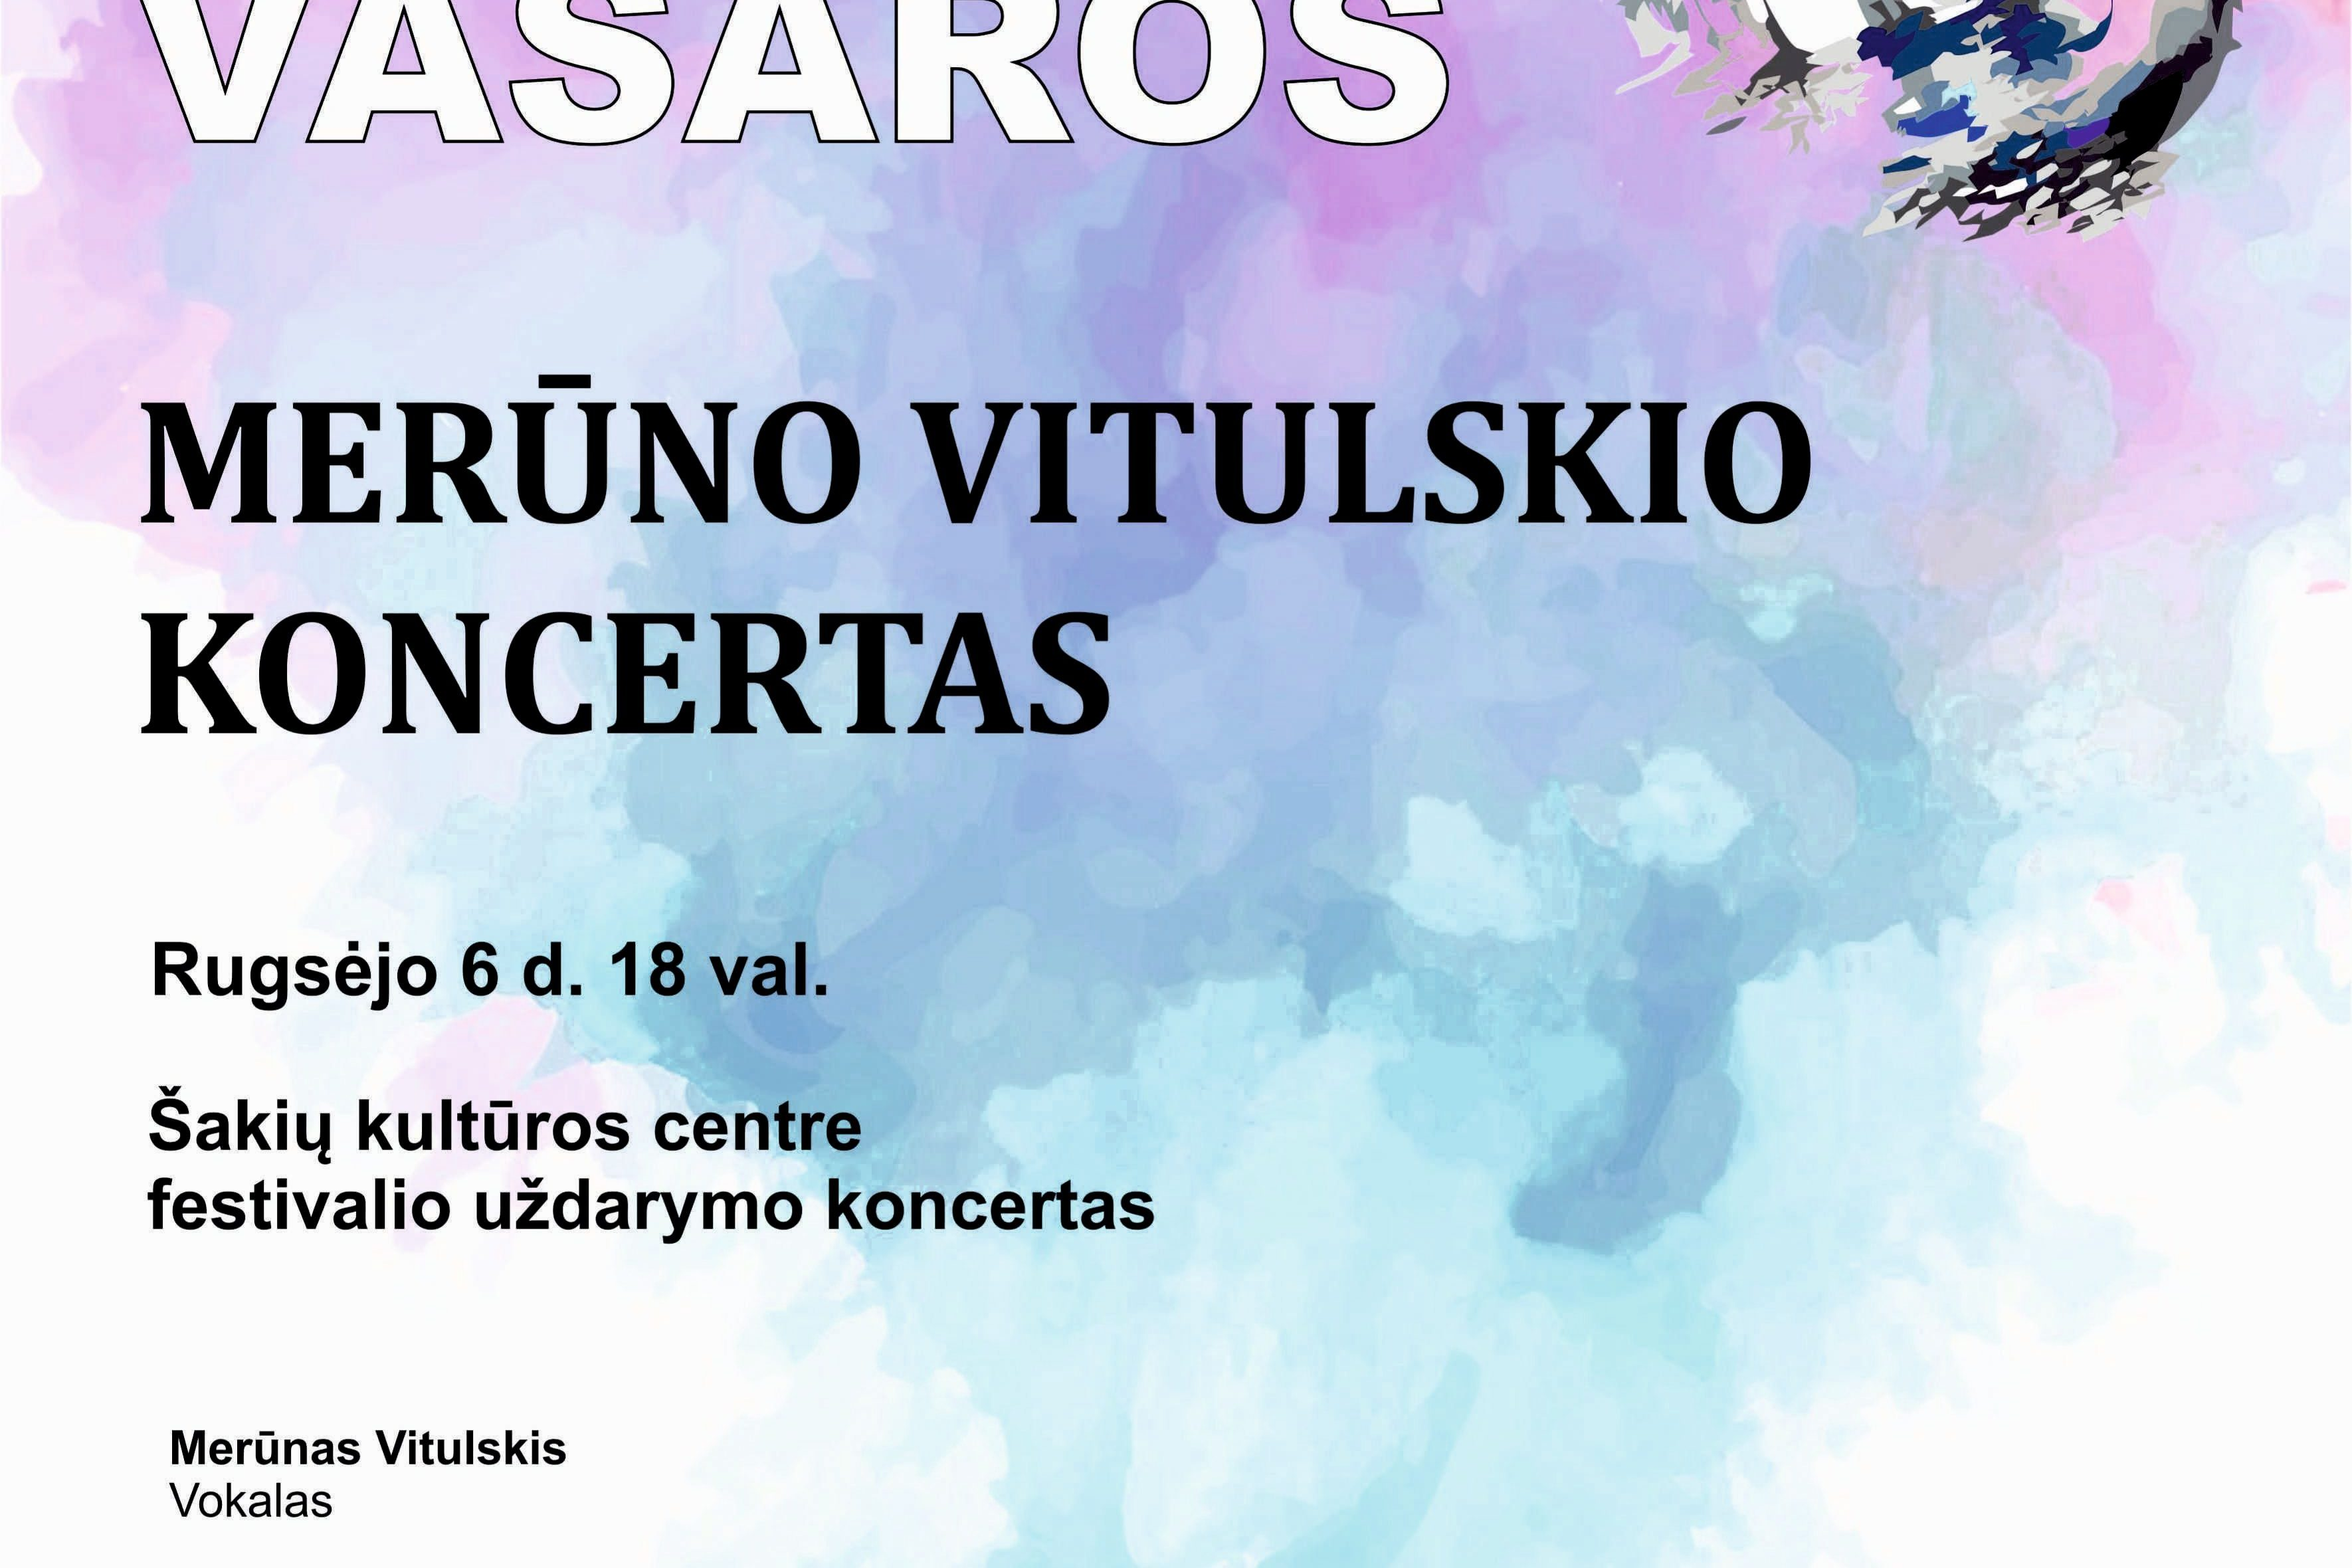 Festivalio uždarymo koncertas